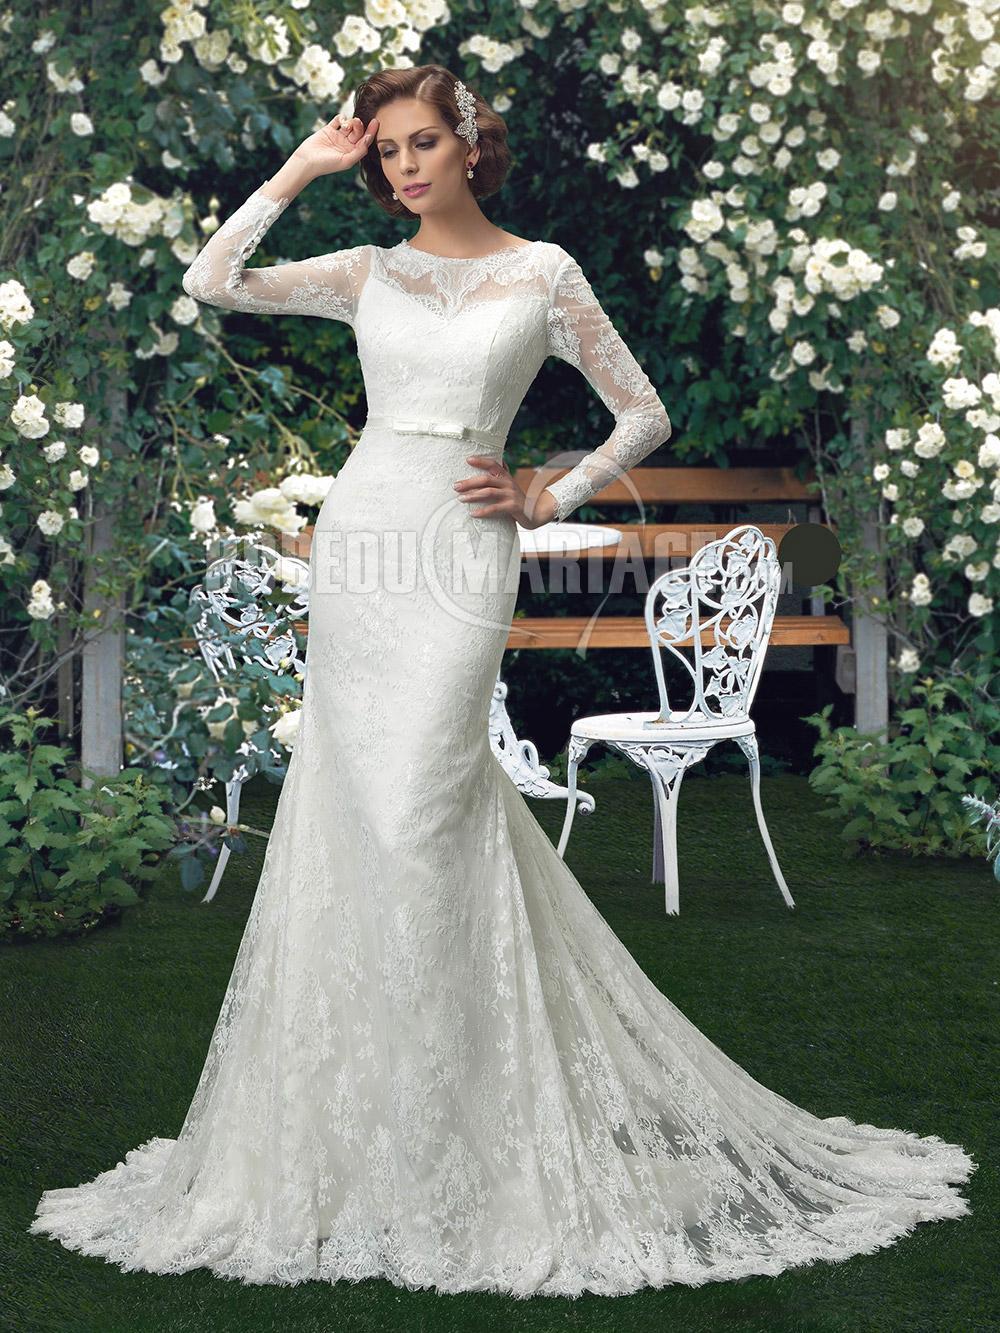 Dentelle robe de mariée manches longues pas cher